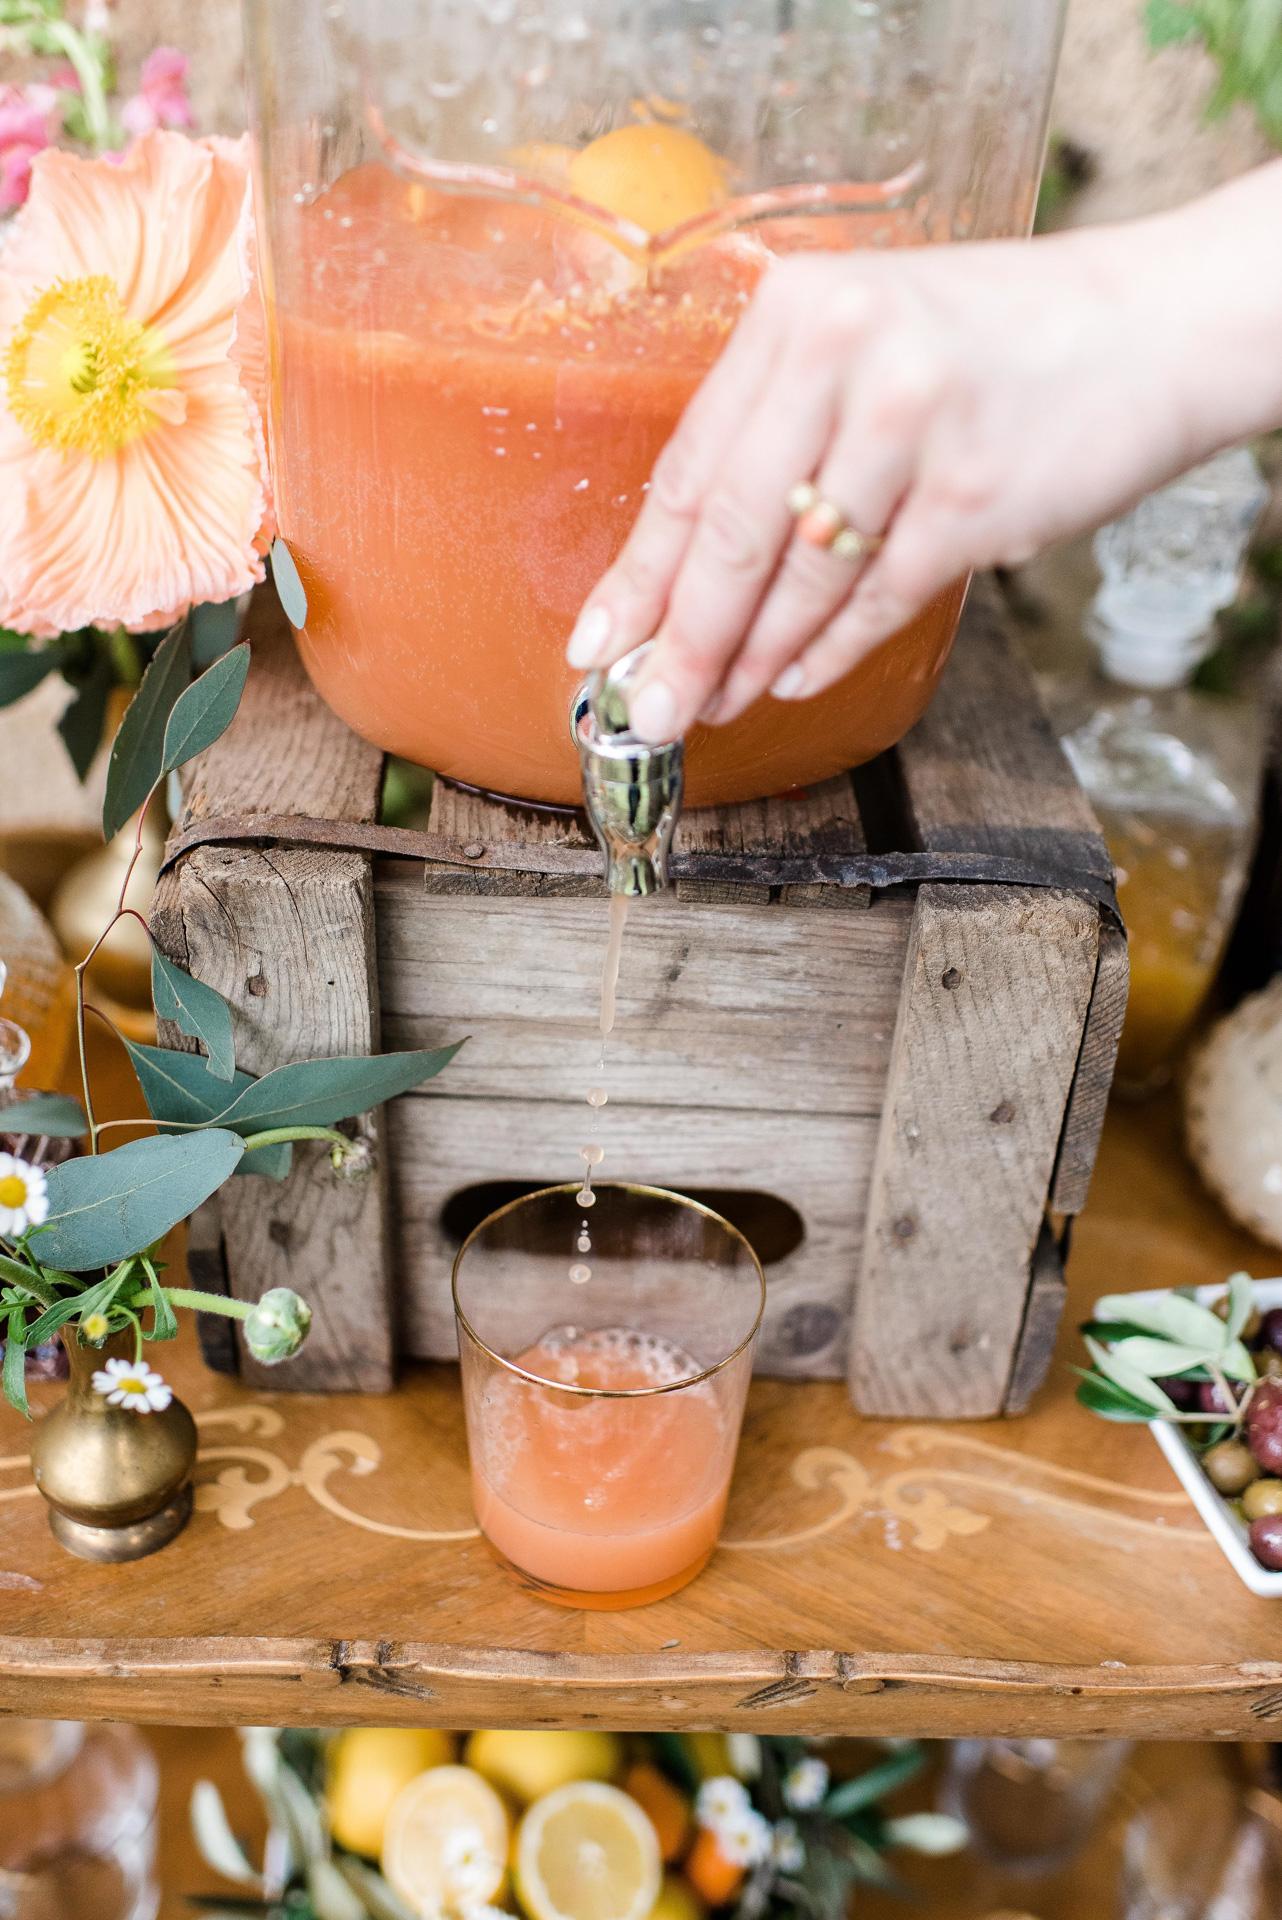 Hochzeit in Apricot und Living Coral Seelensachen Florietta